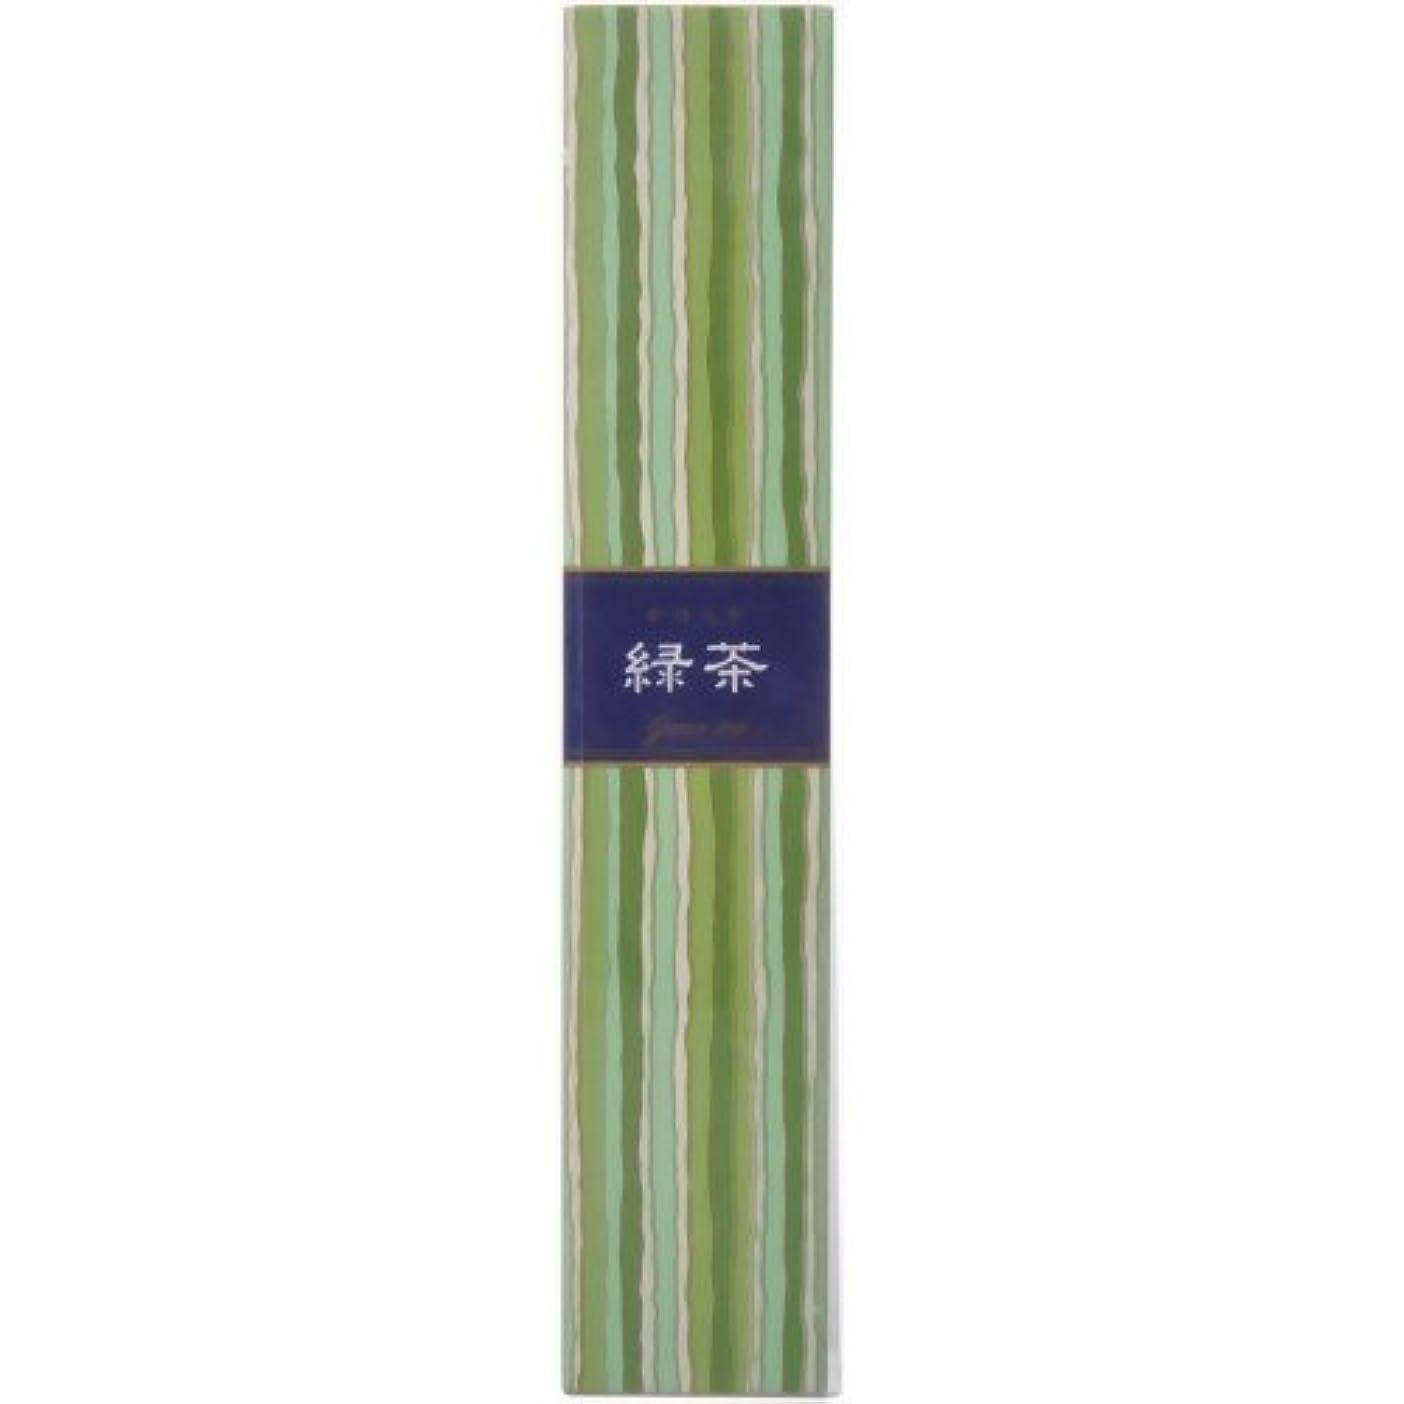 タイプライター結晶抗議【セット品】かゆらぎ 緑茶 スティック40本入 香立付 ×3個